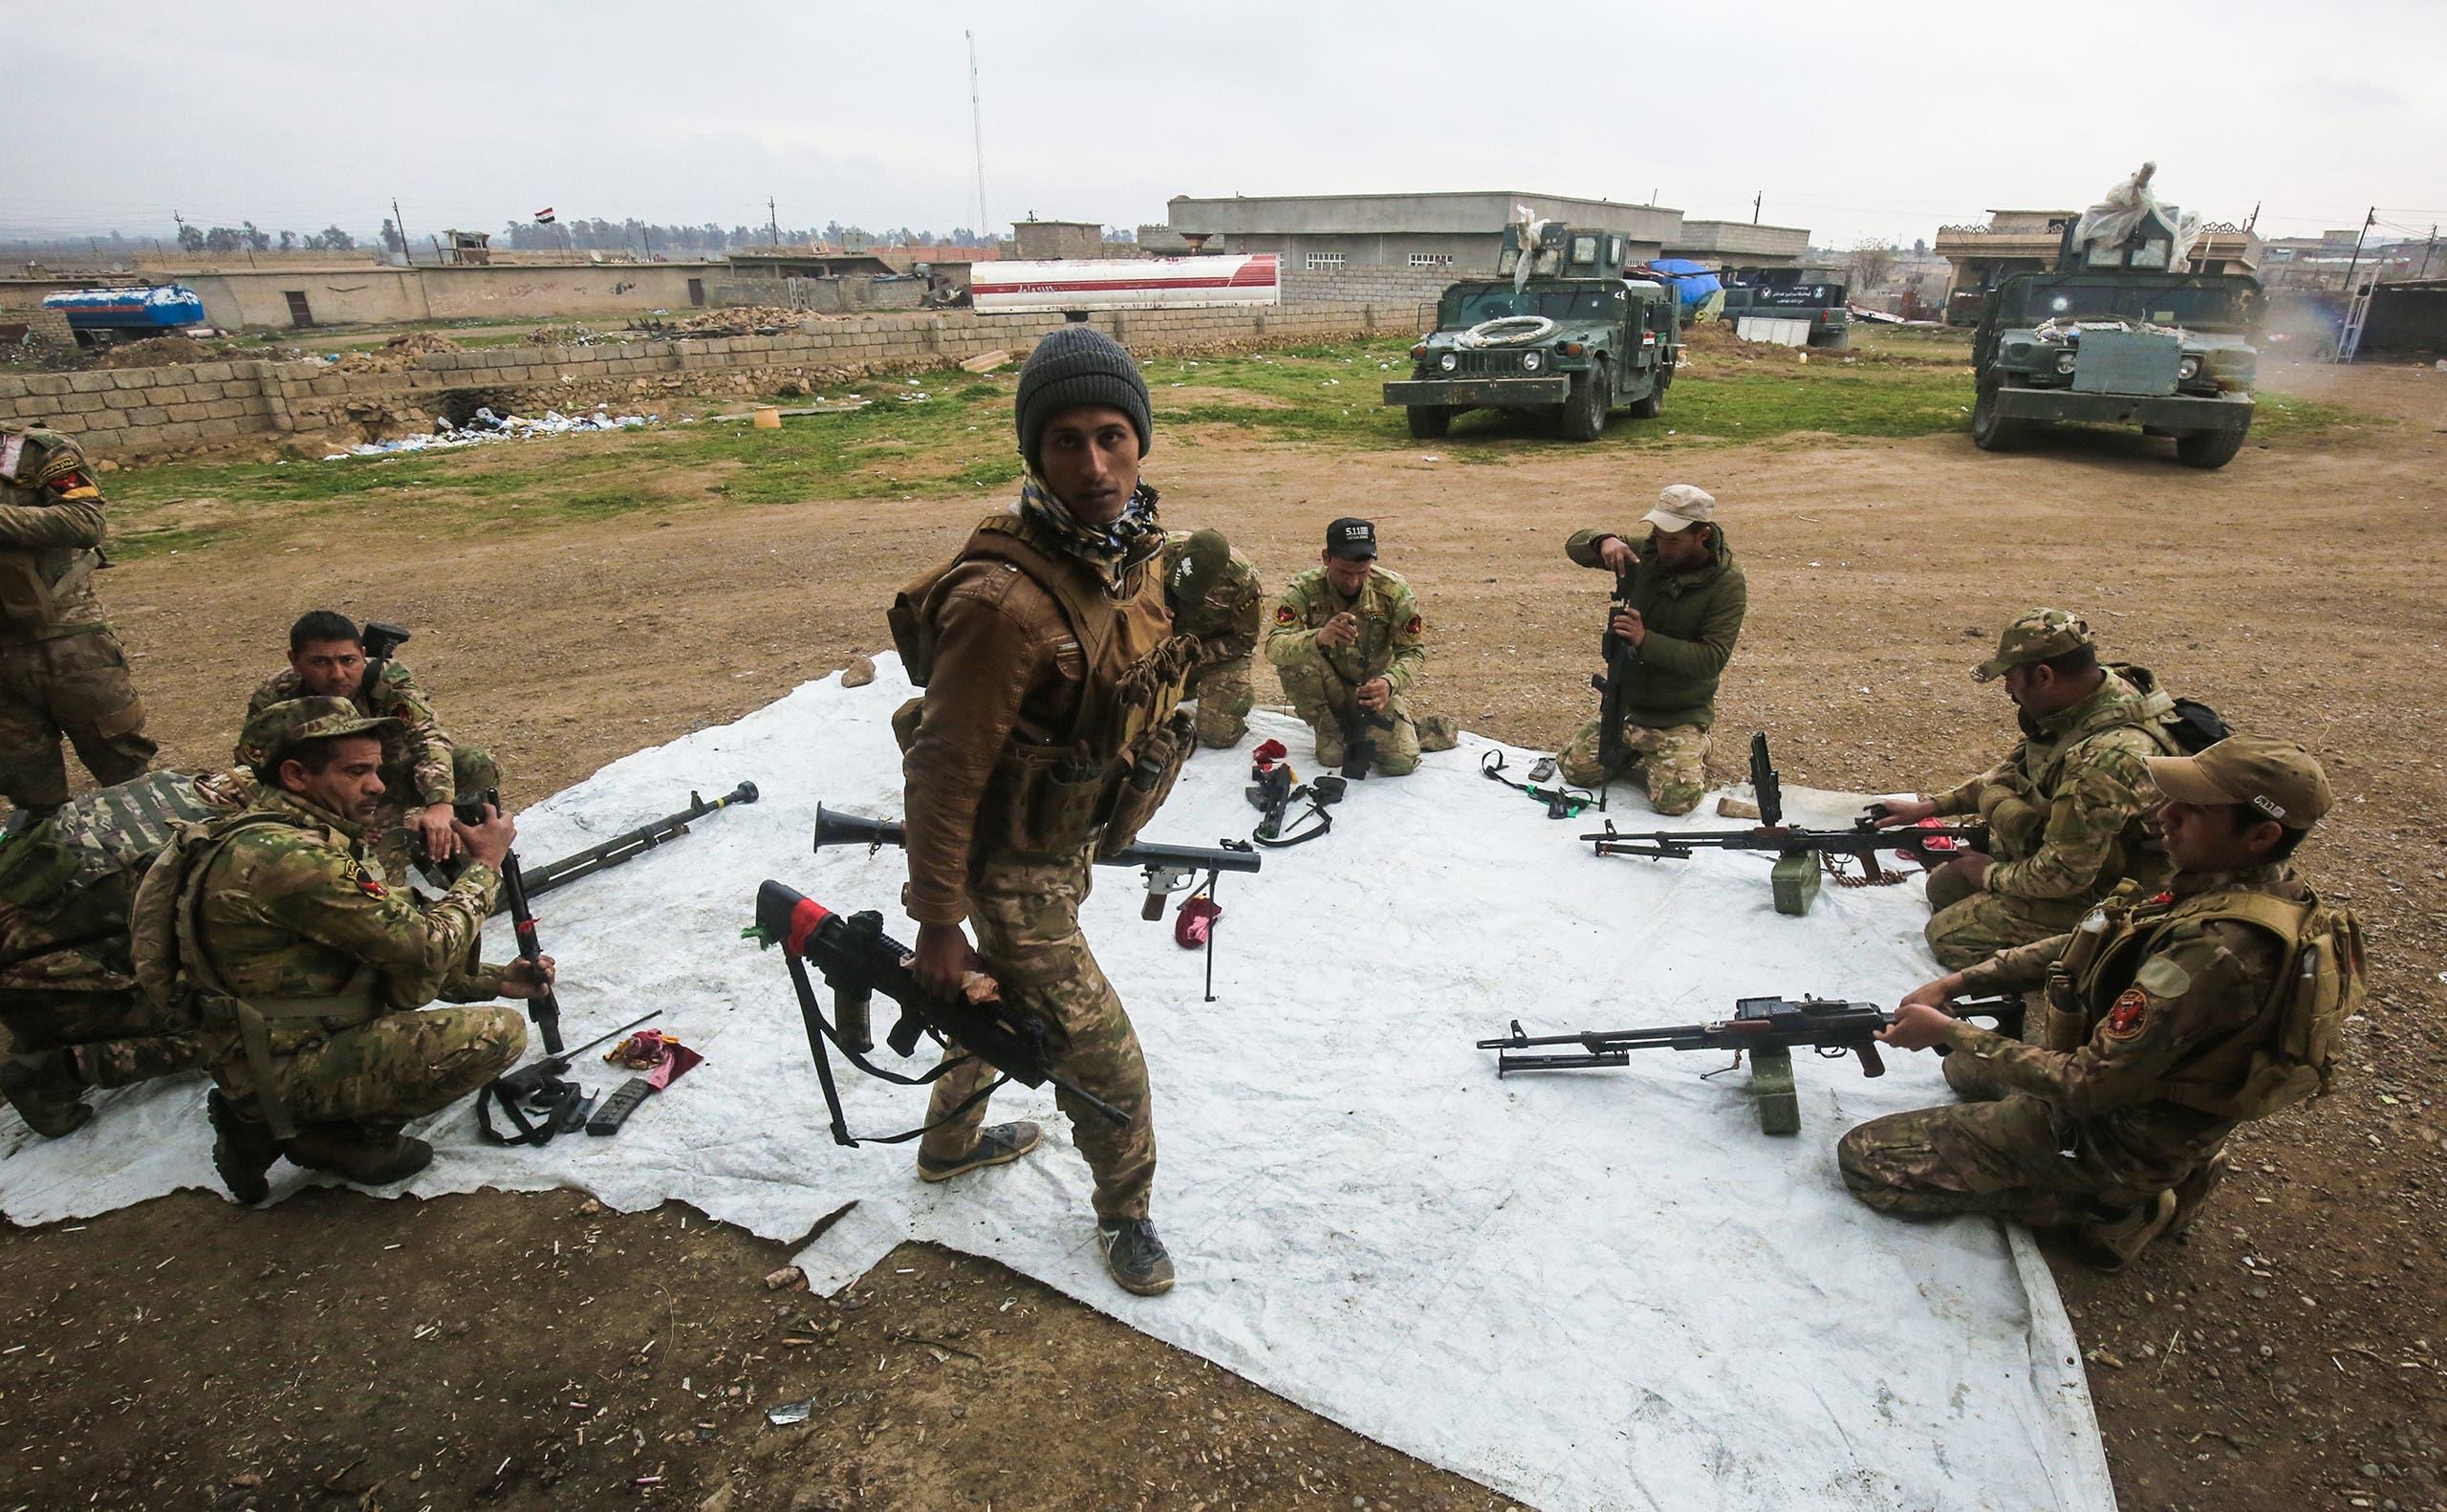 قوات عراقية تتحضر لقتال داعش في الموصل